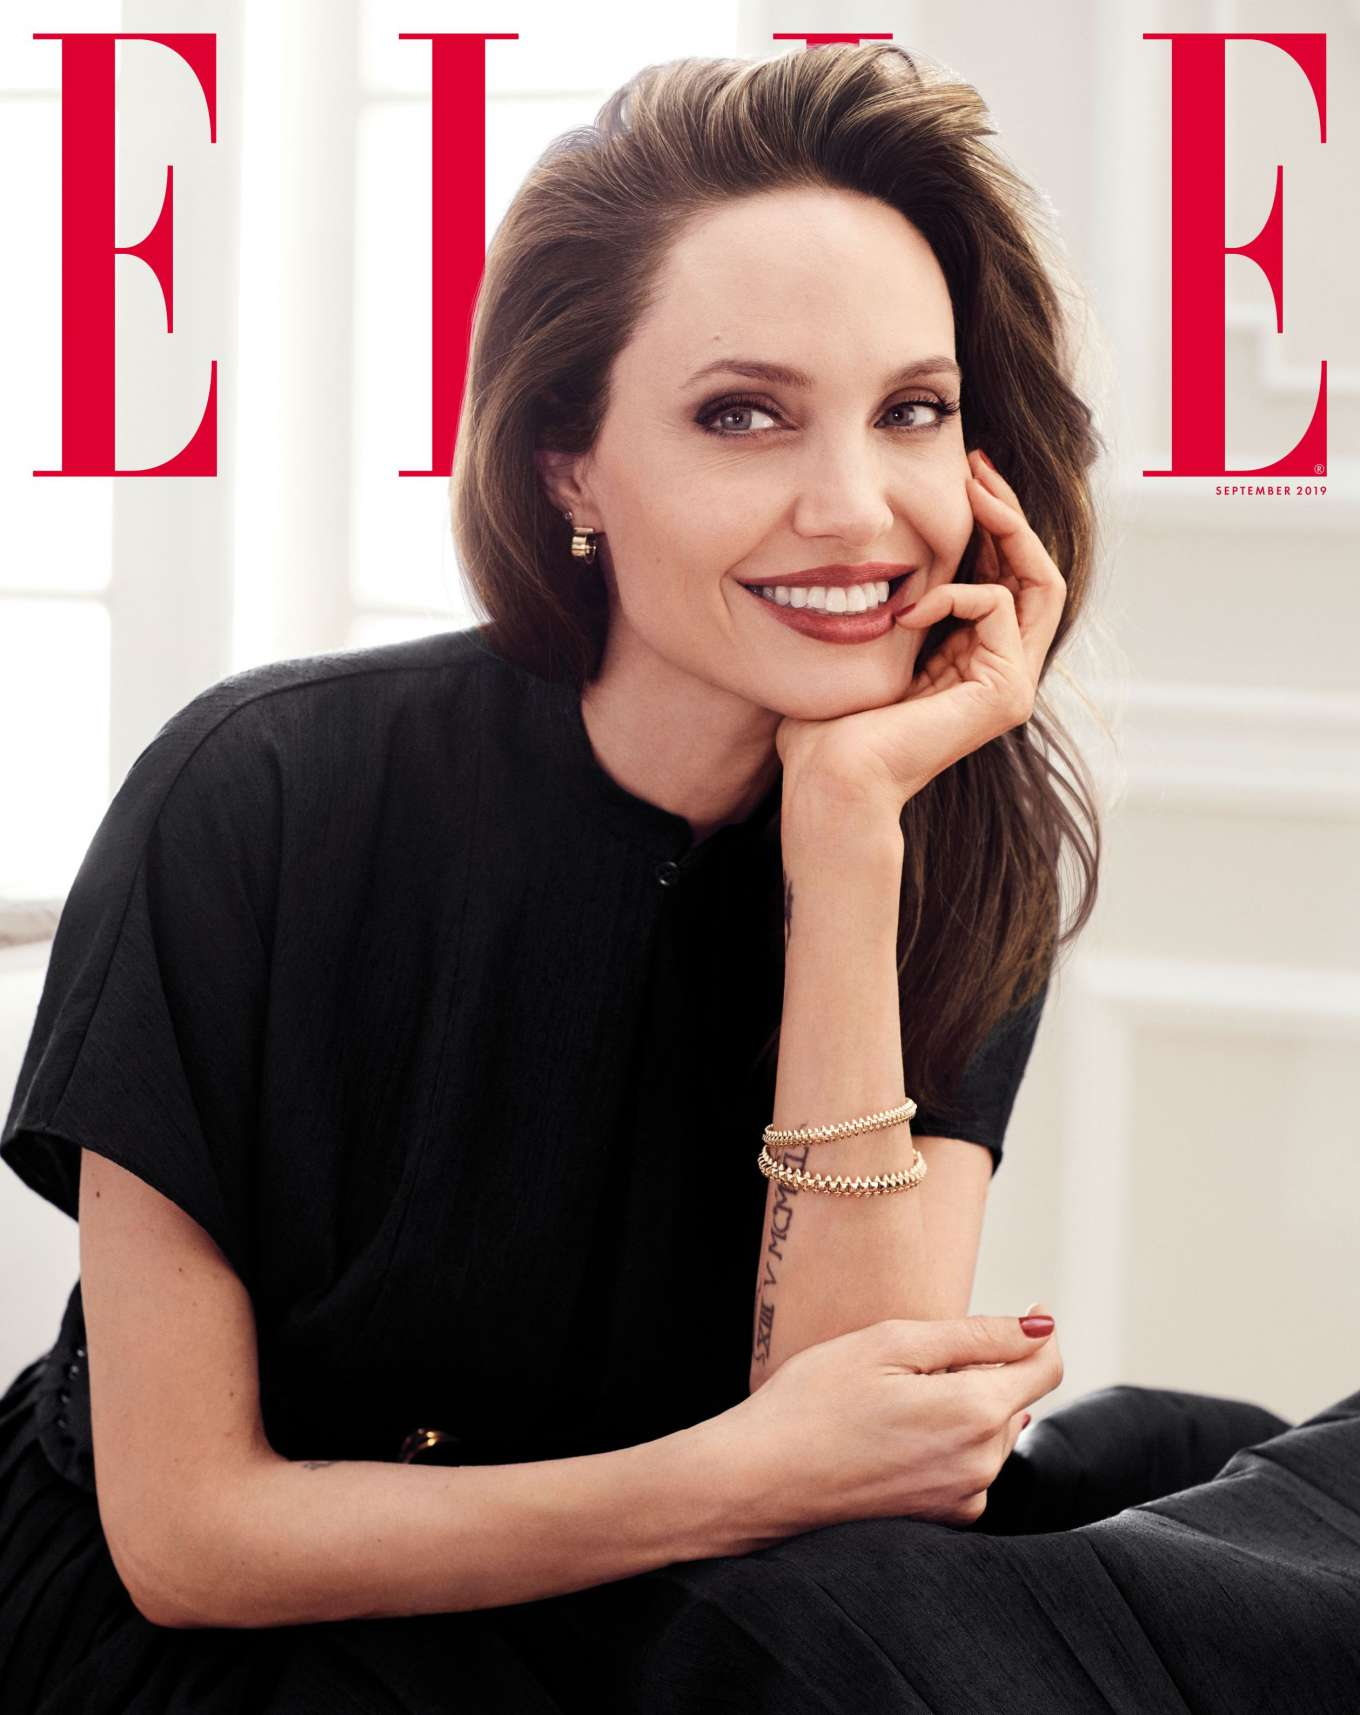 Angelina Jolie - ELLE September 2019